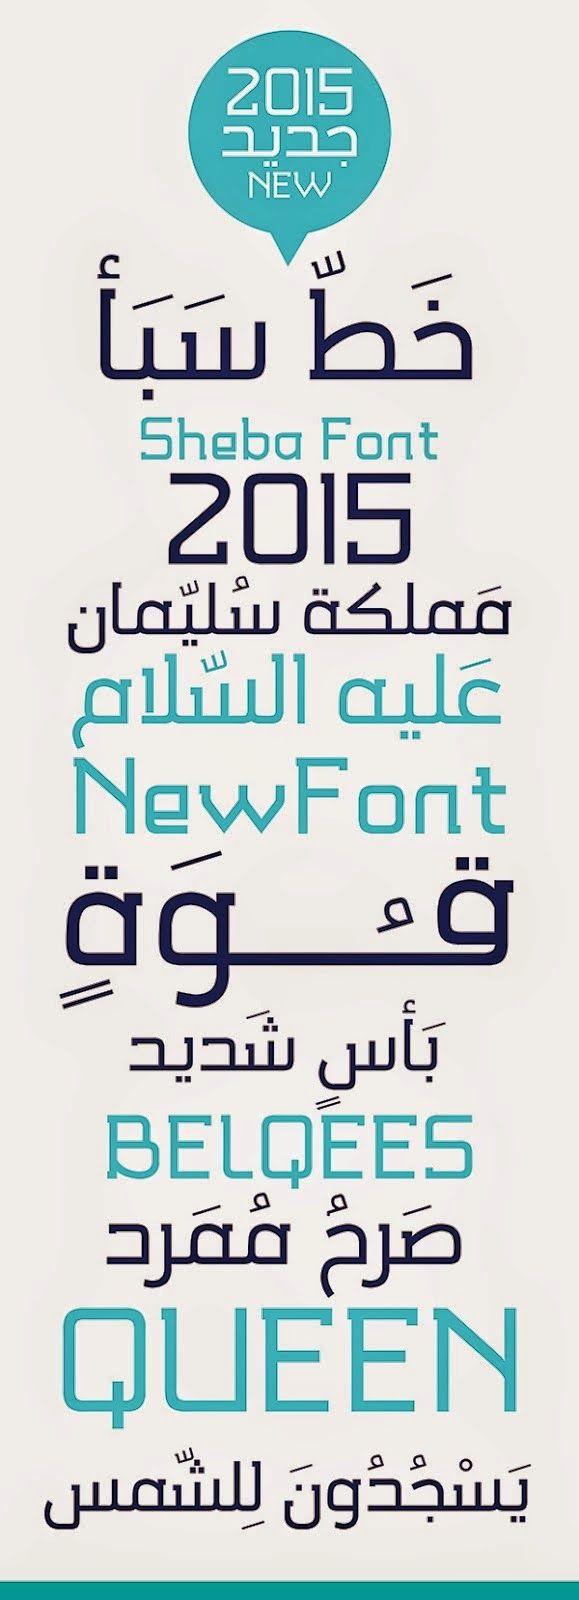 خط سبأ - Sheba Font | فكرة مبدع